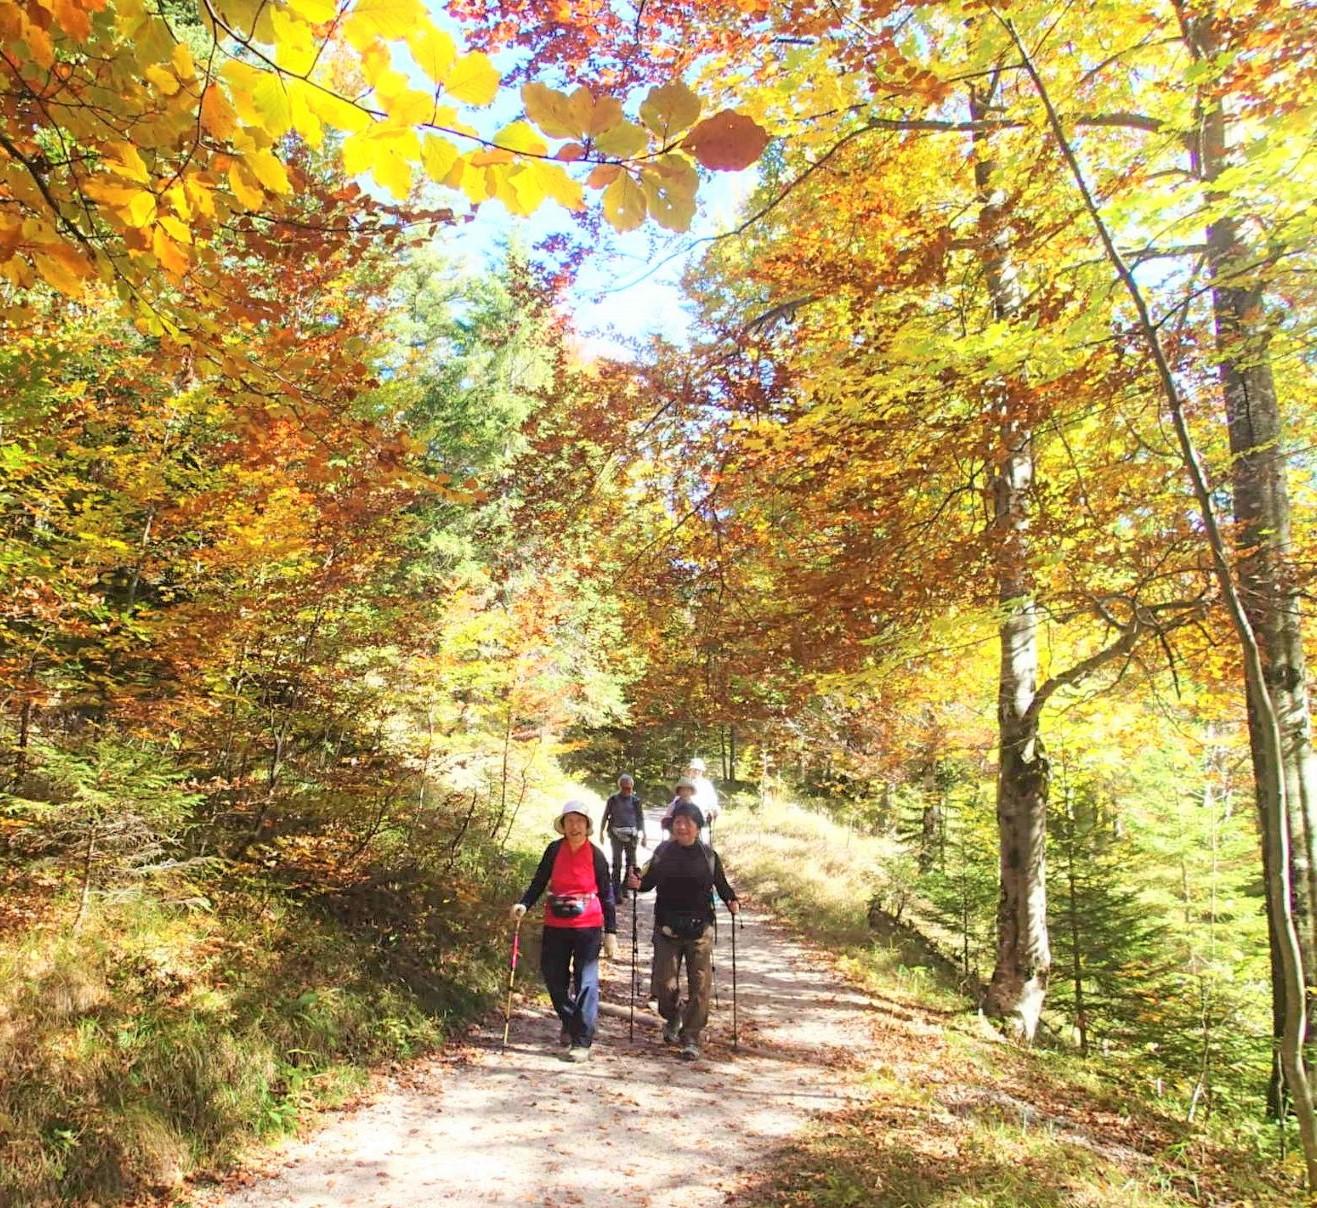 10月6日出発「ドイツ・バイエルン・アルプス・ハイキングと 歩いて楽しむロマンチック街道 8日間」